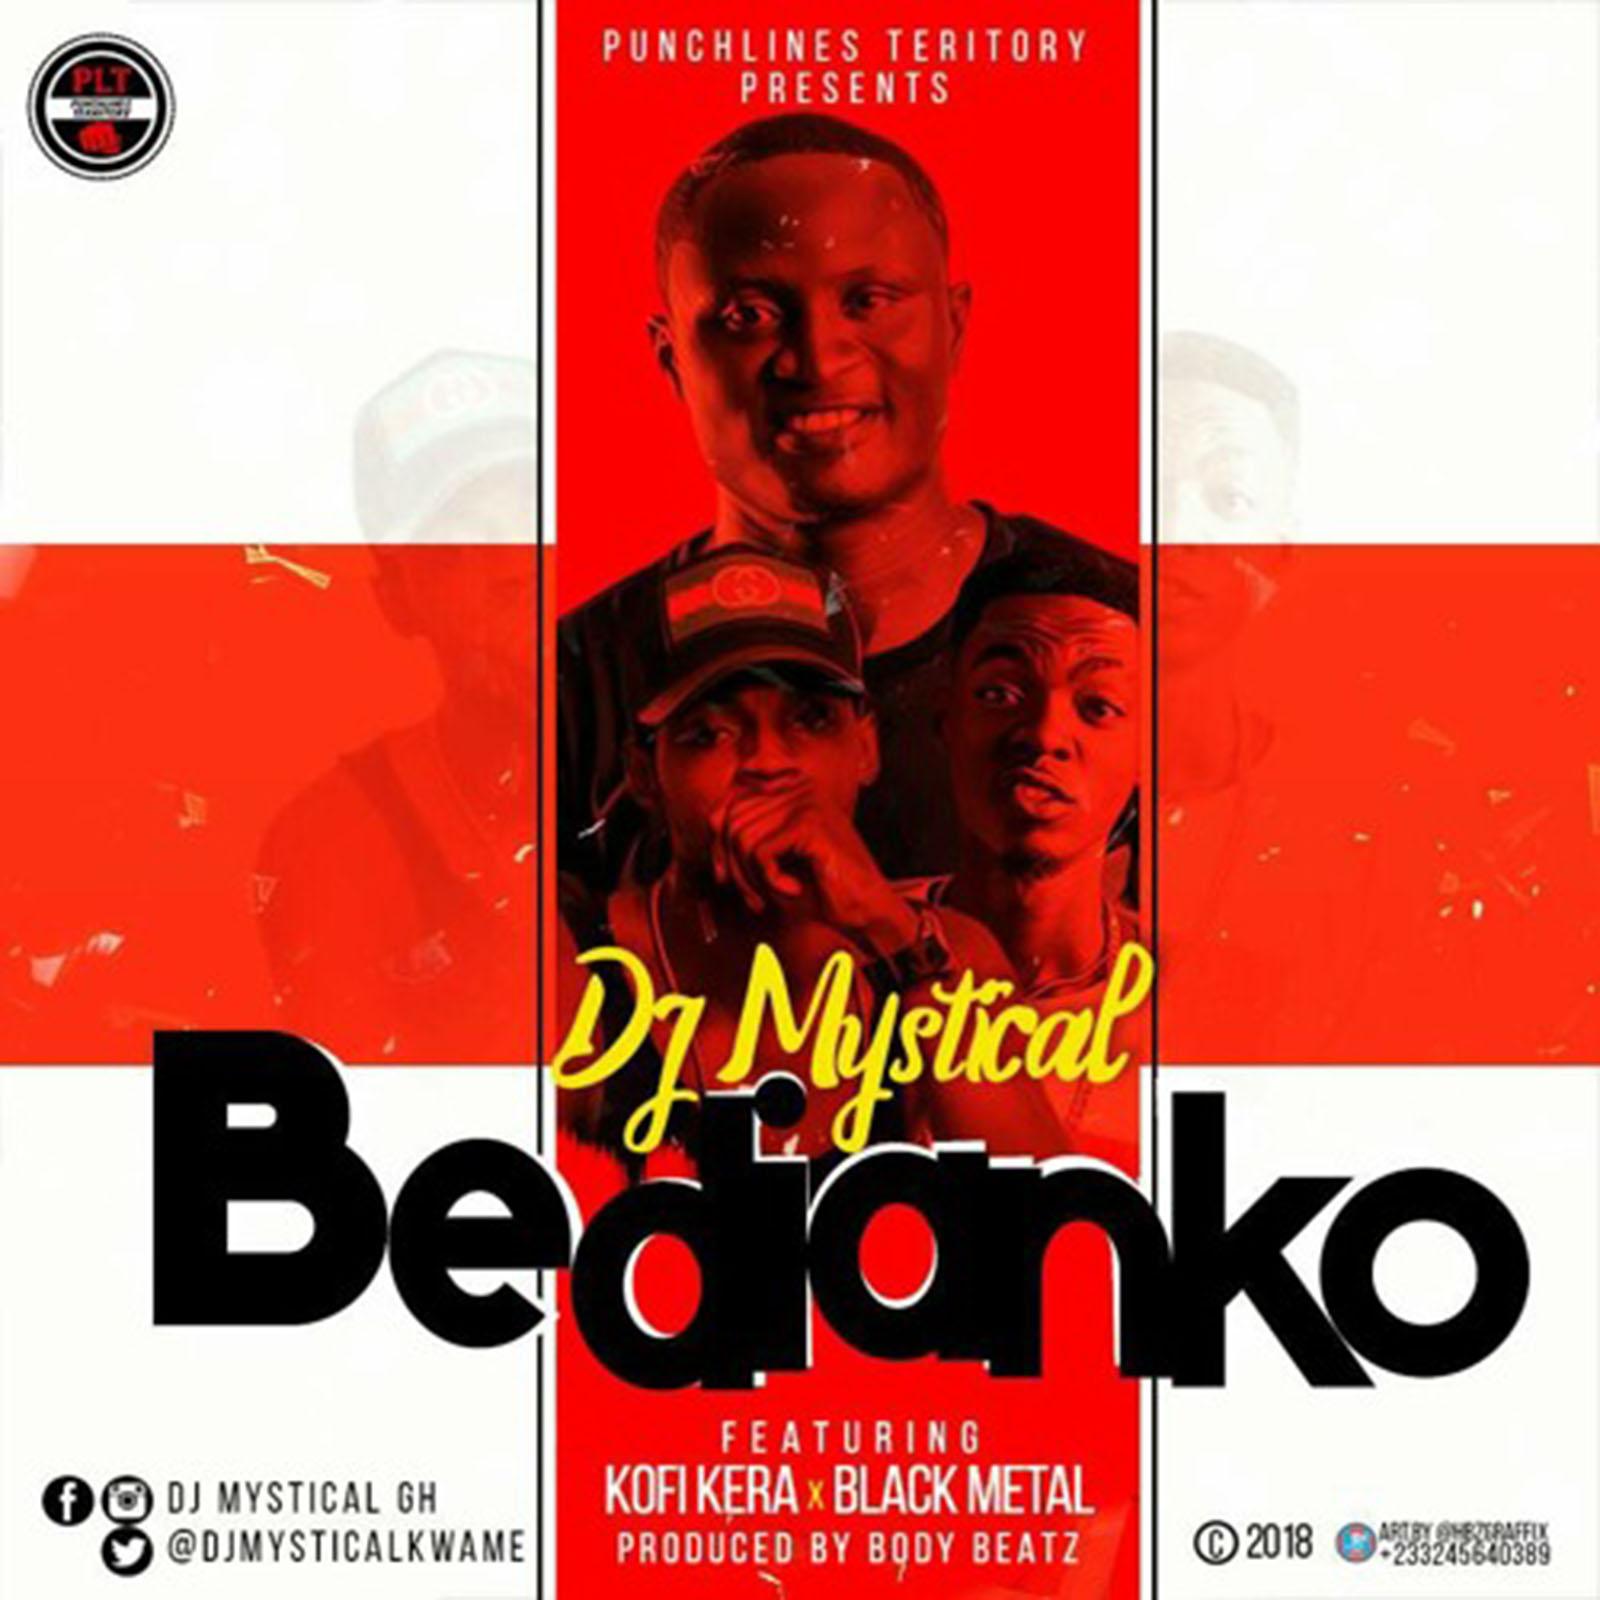 Bedianko by DJ Mystical feat. Kofi Kerra & Black Metal